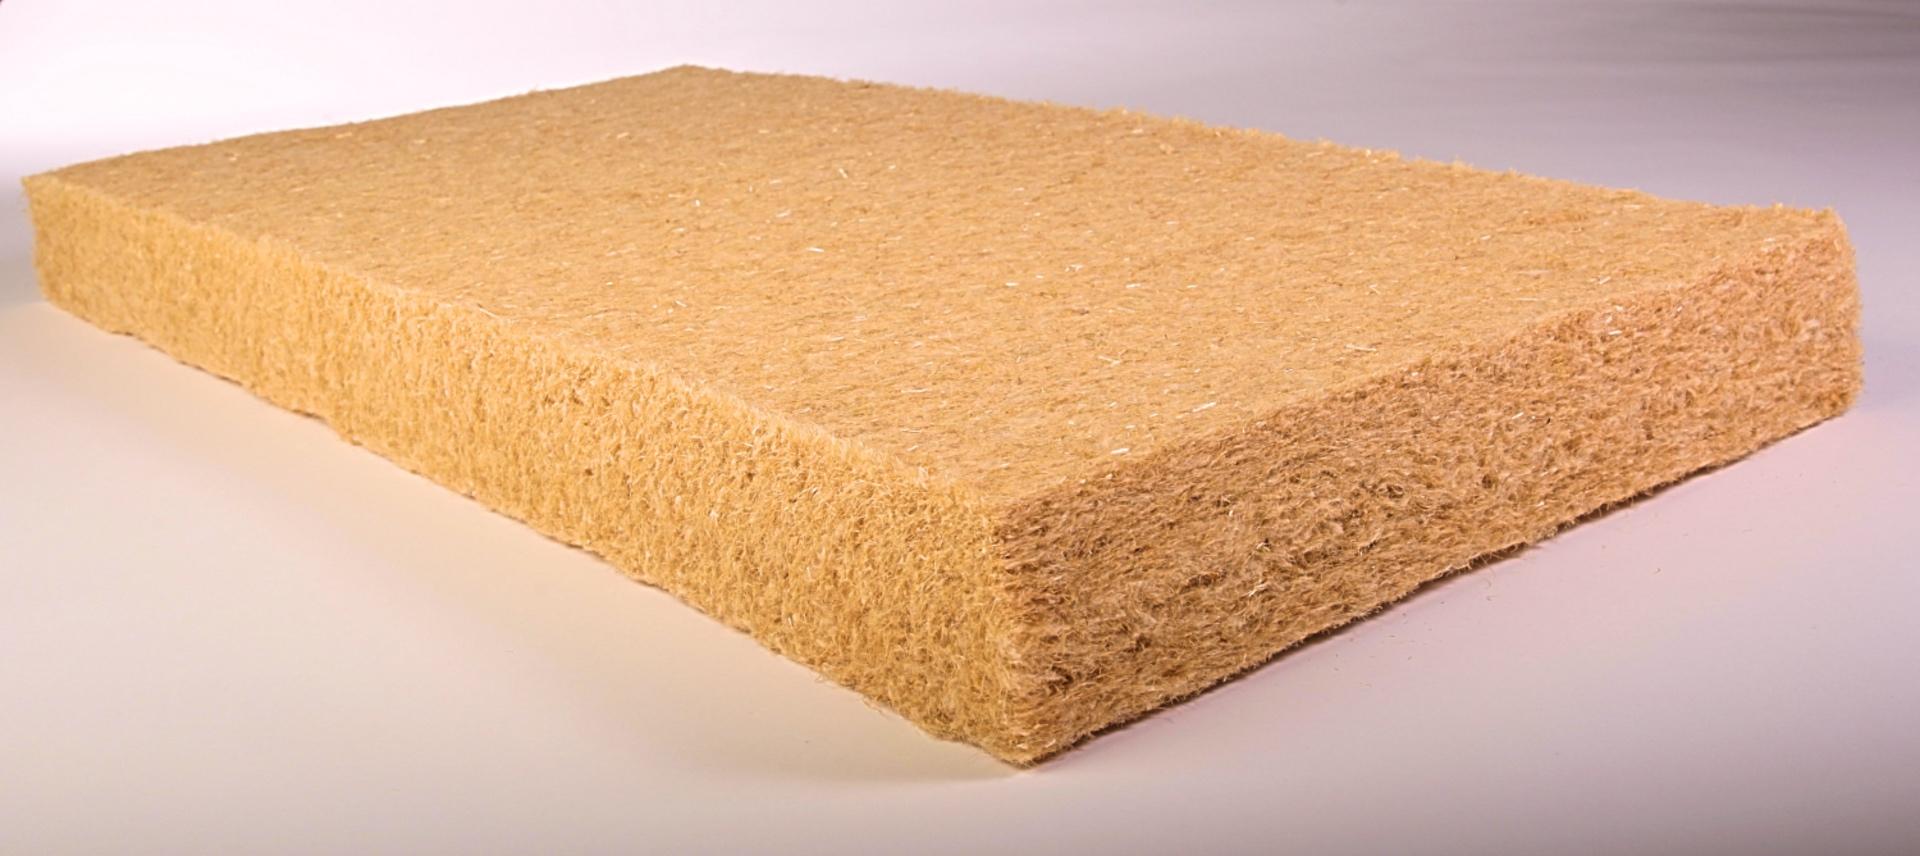 Izolační deska z přírodního materiálu